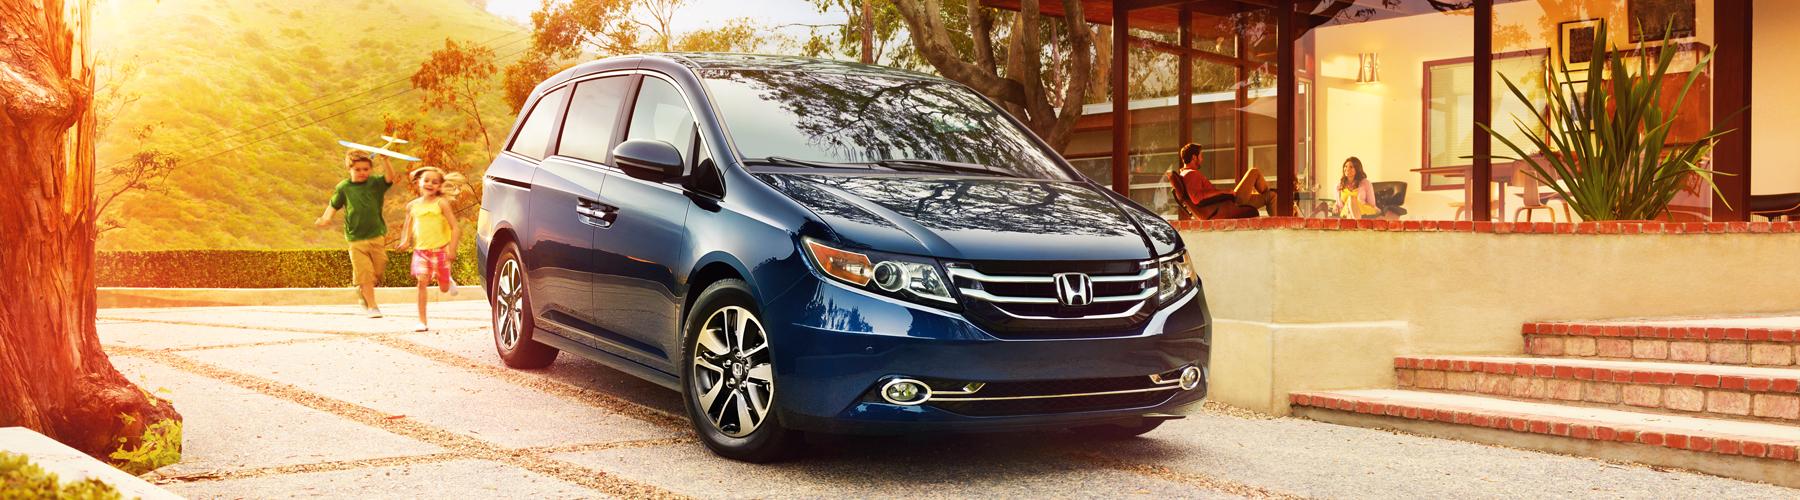 2016 honda odyssey metro milwaukee honda dealers for Honda dealer glendale ca